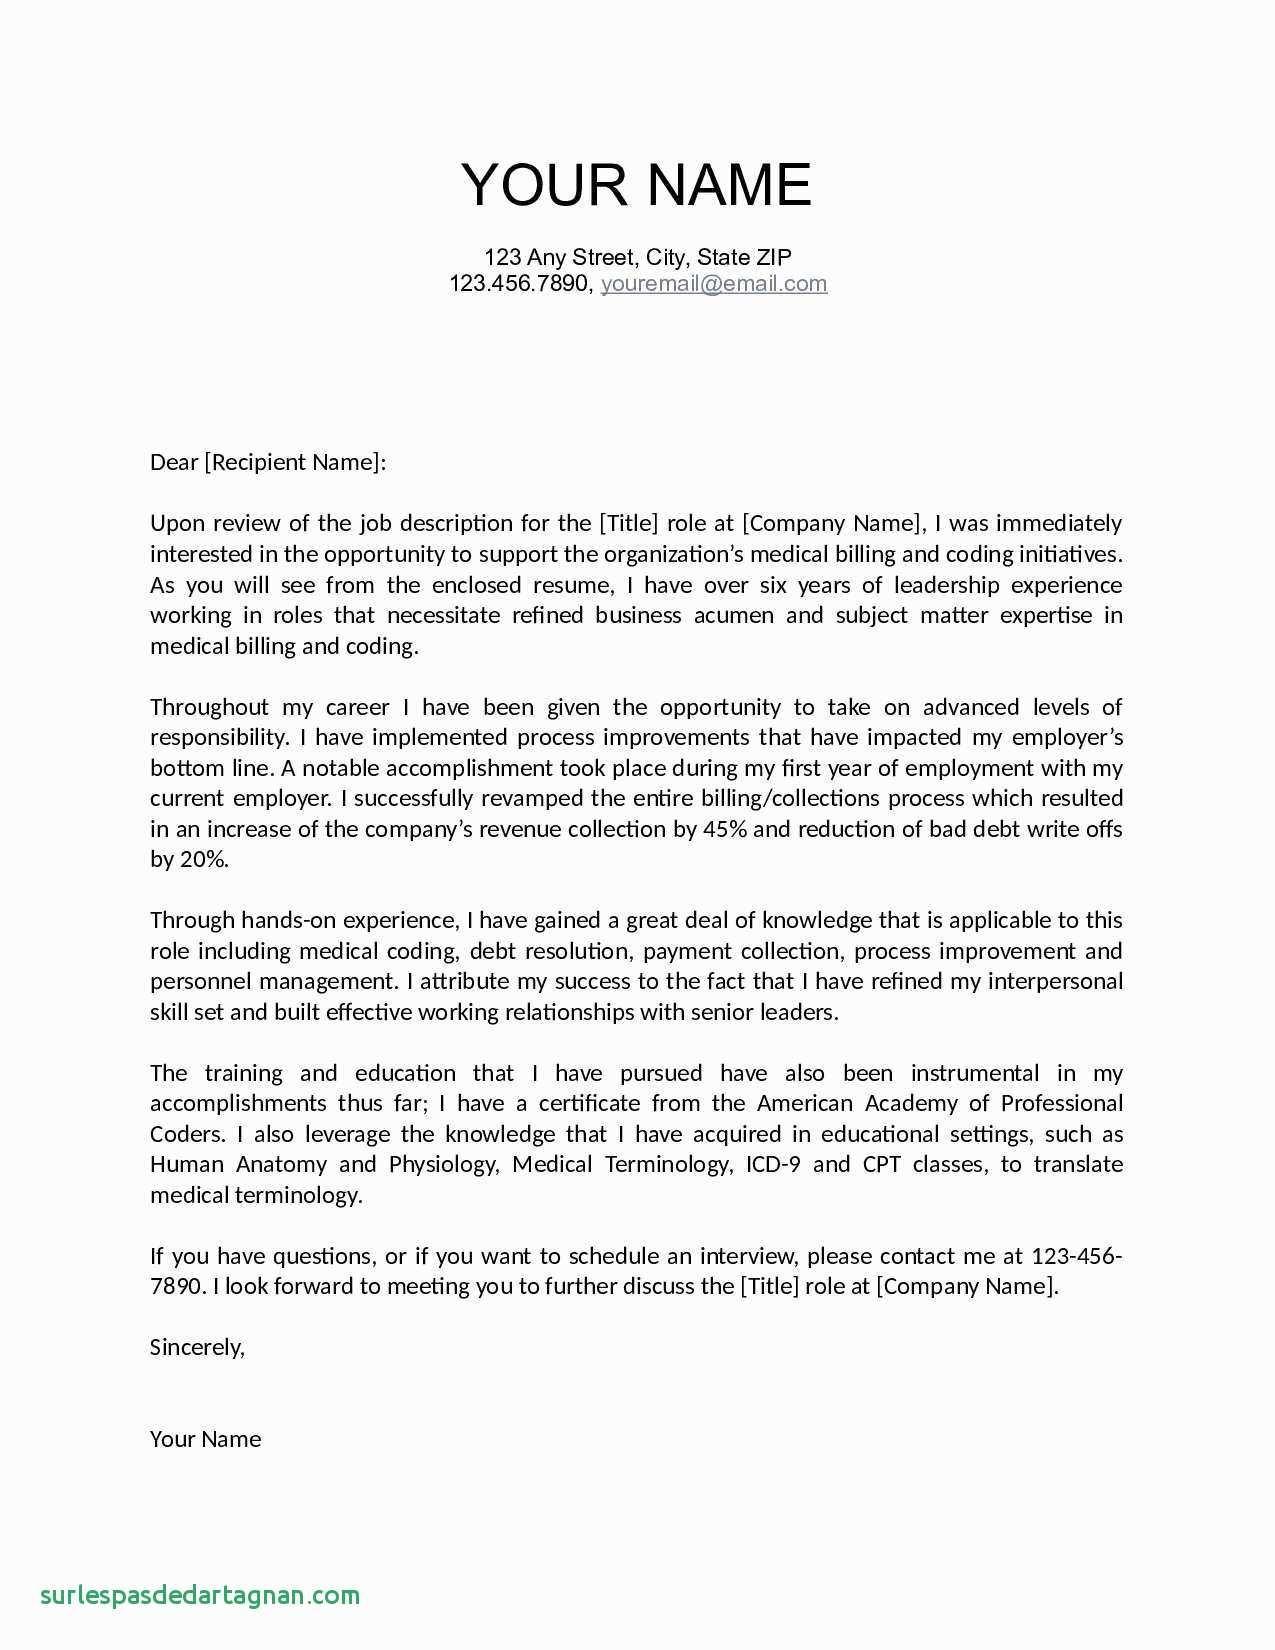 Letter Of Recommendation Template for Employee - Letters Re Mendation for Jobs Best Fresh Job Fer Letter